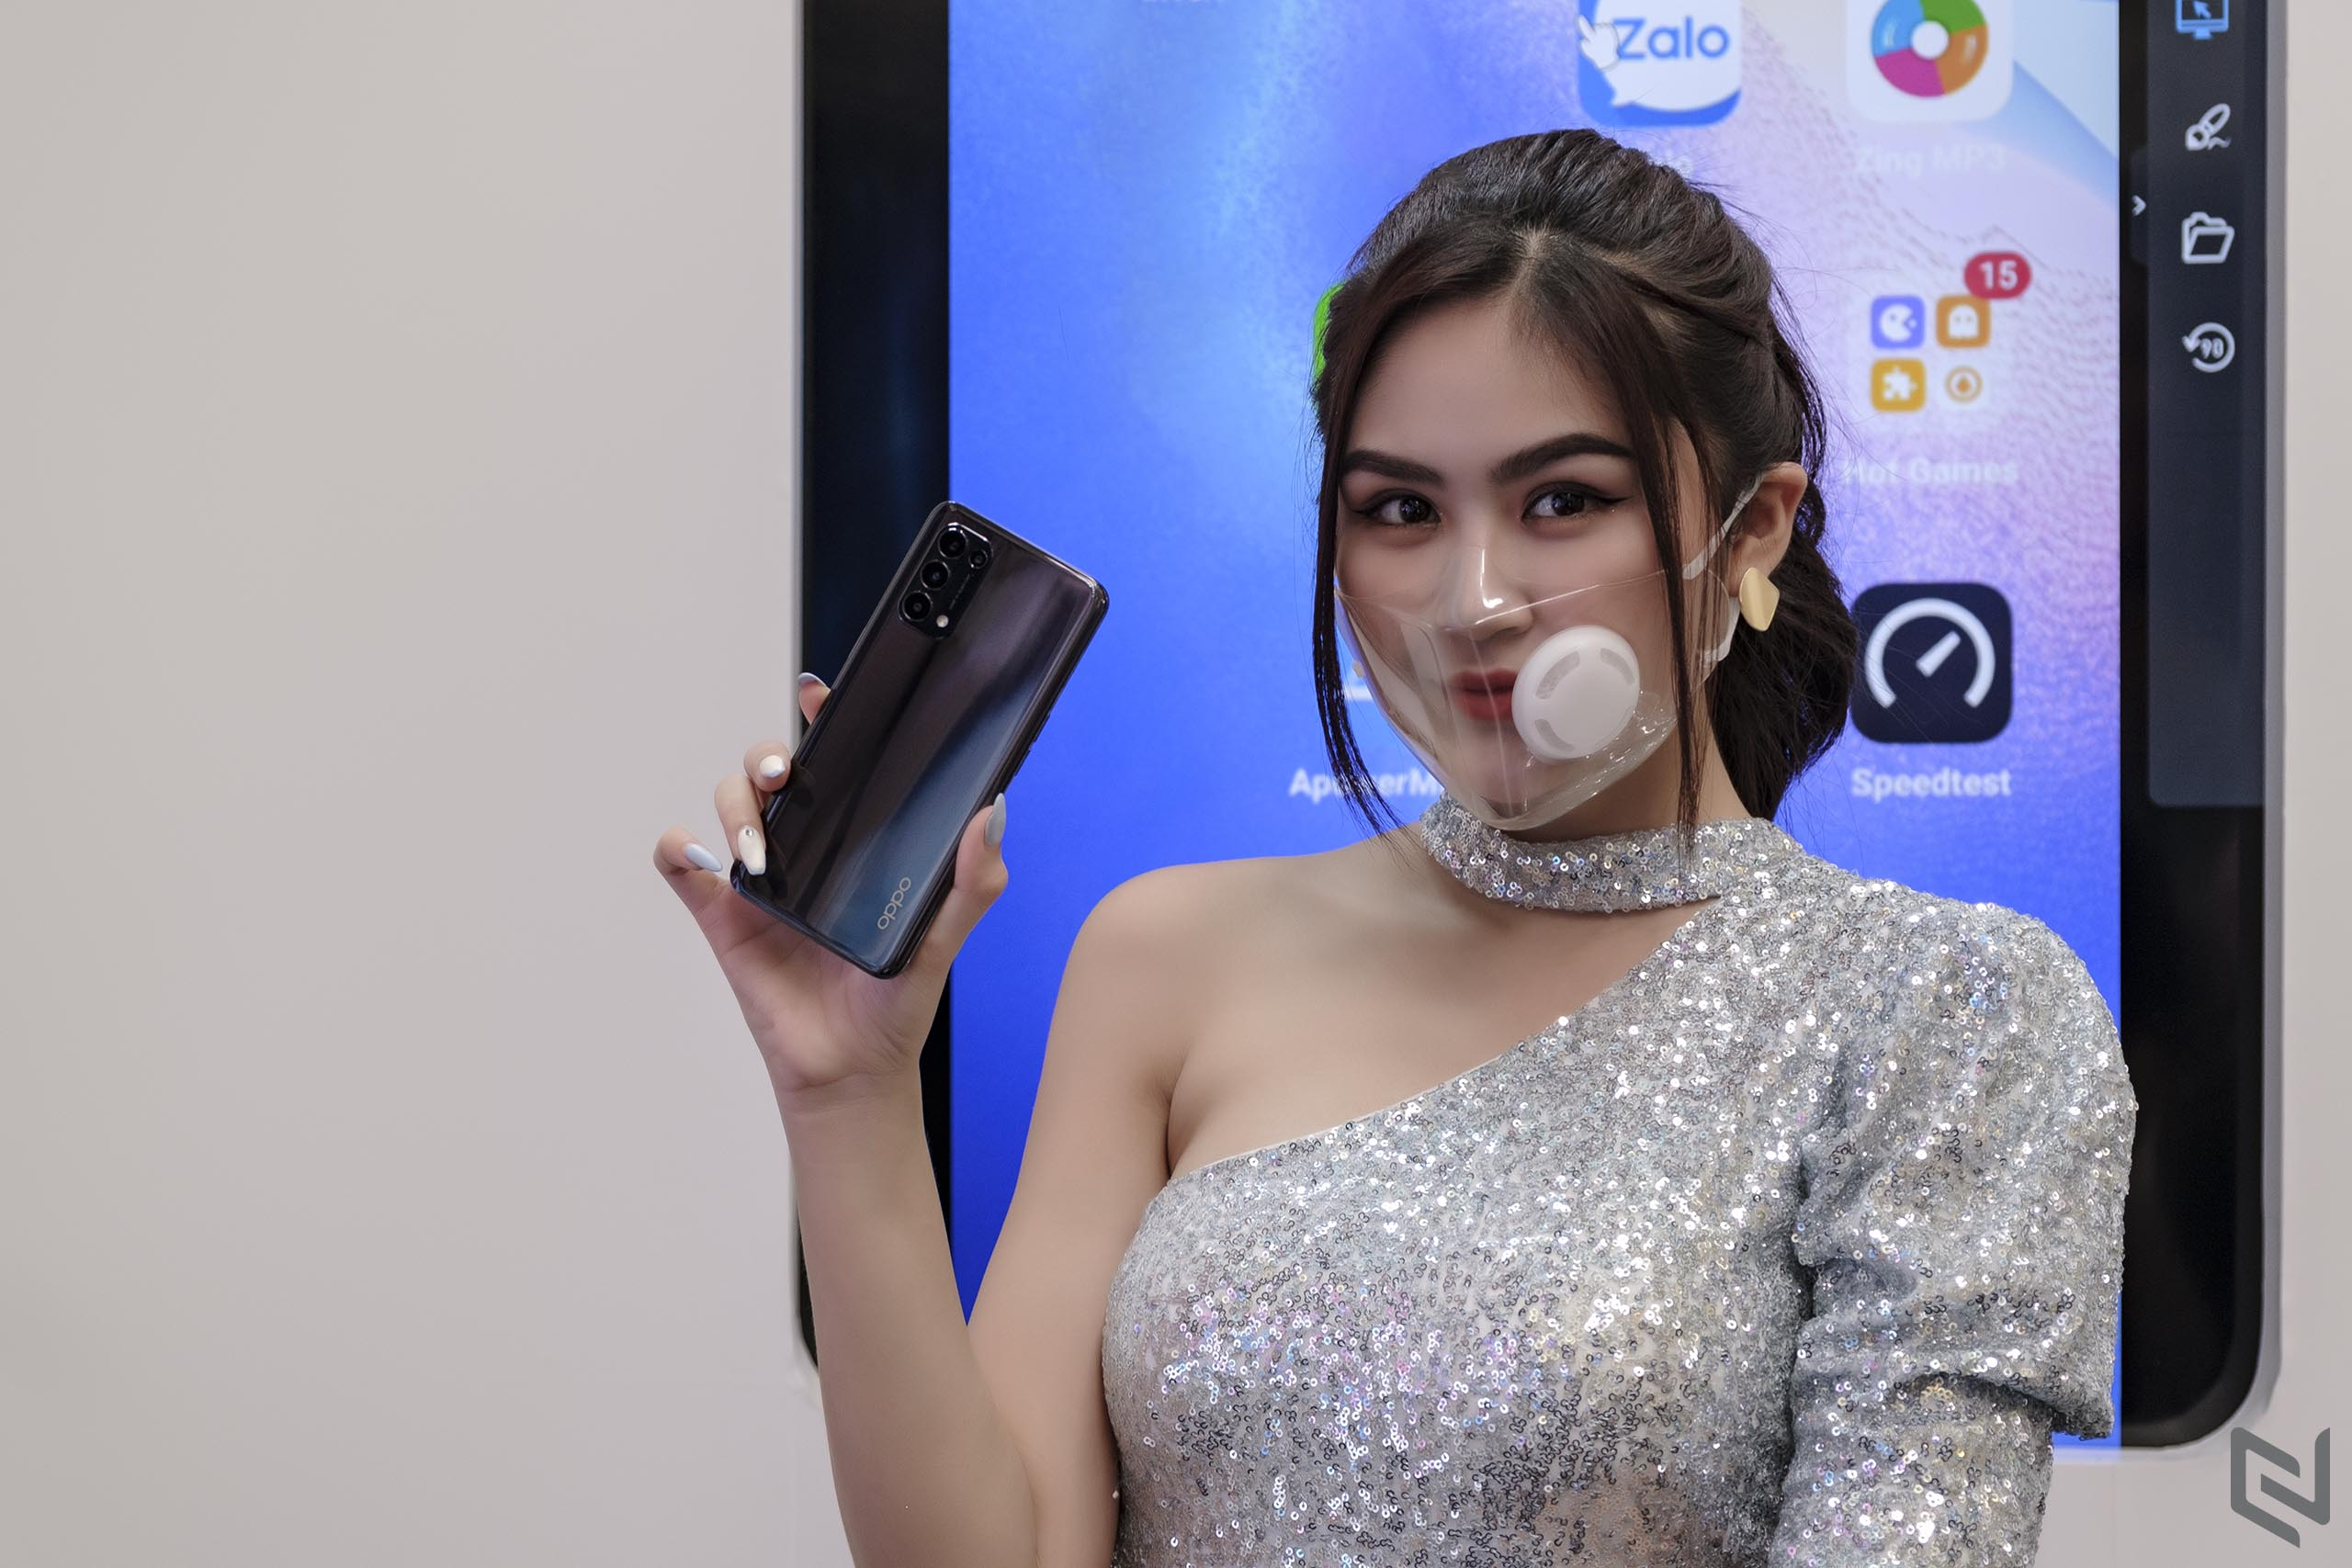 OPPO Reno5 5G chính thức ra mắt tại thị trường Việt Nam giá 11,990,000 VNĐ